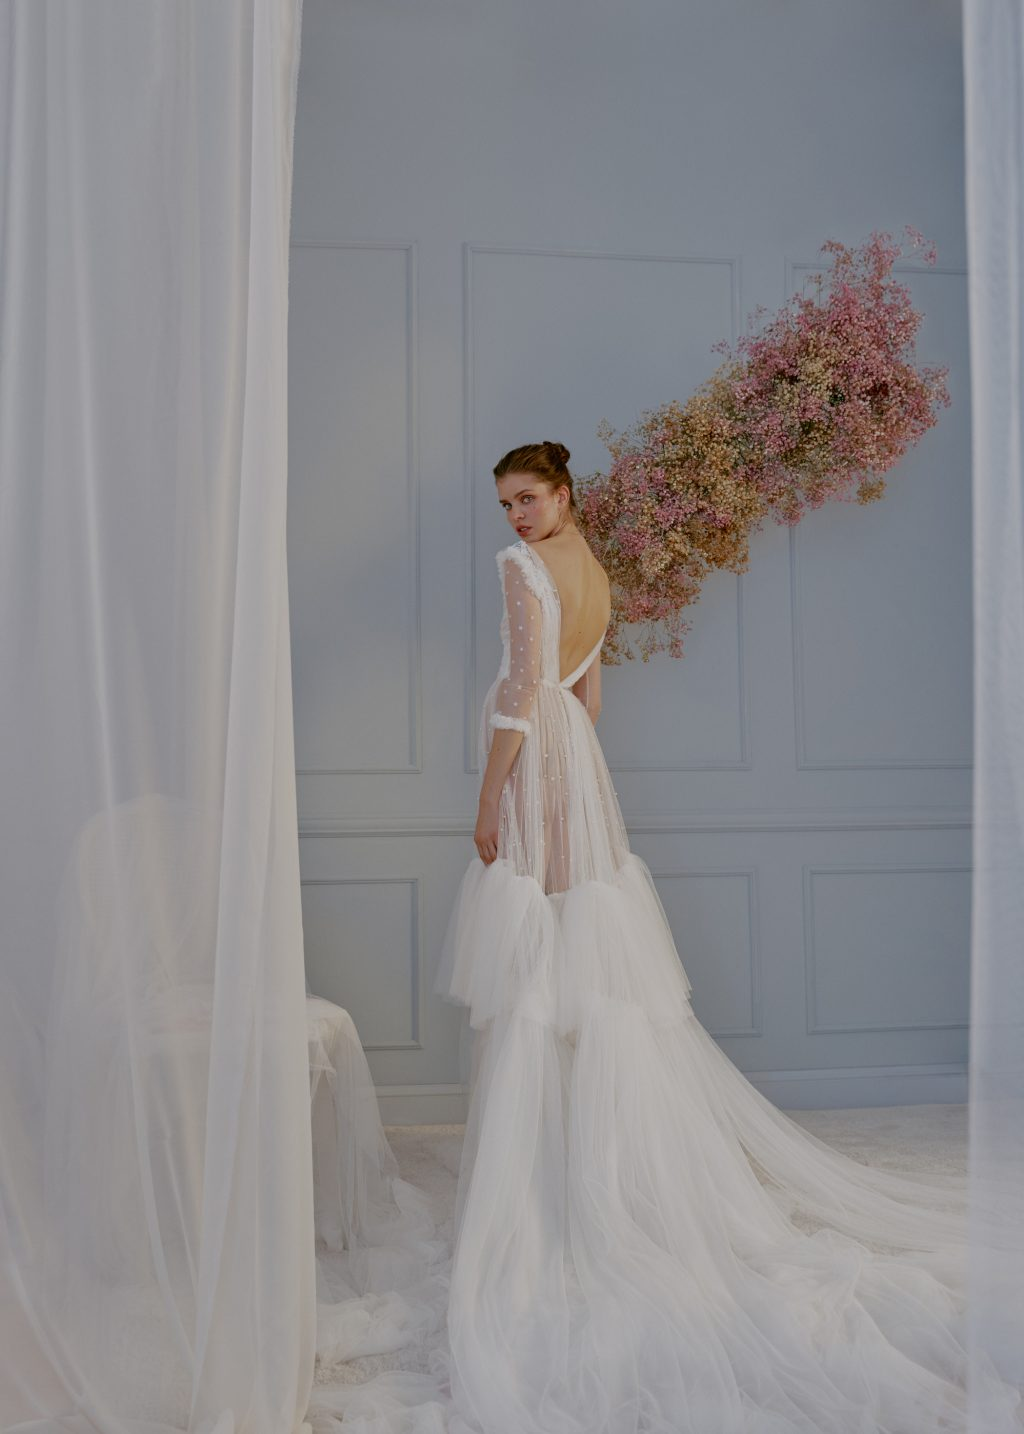 ANGELA PEDREGAL INNUBIBUS NOVIAS 2021 34 - In Nubibus, la Nueva Colección de Vestidos de Ángela Pedregal